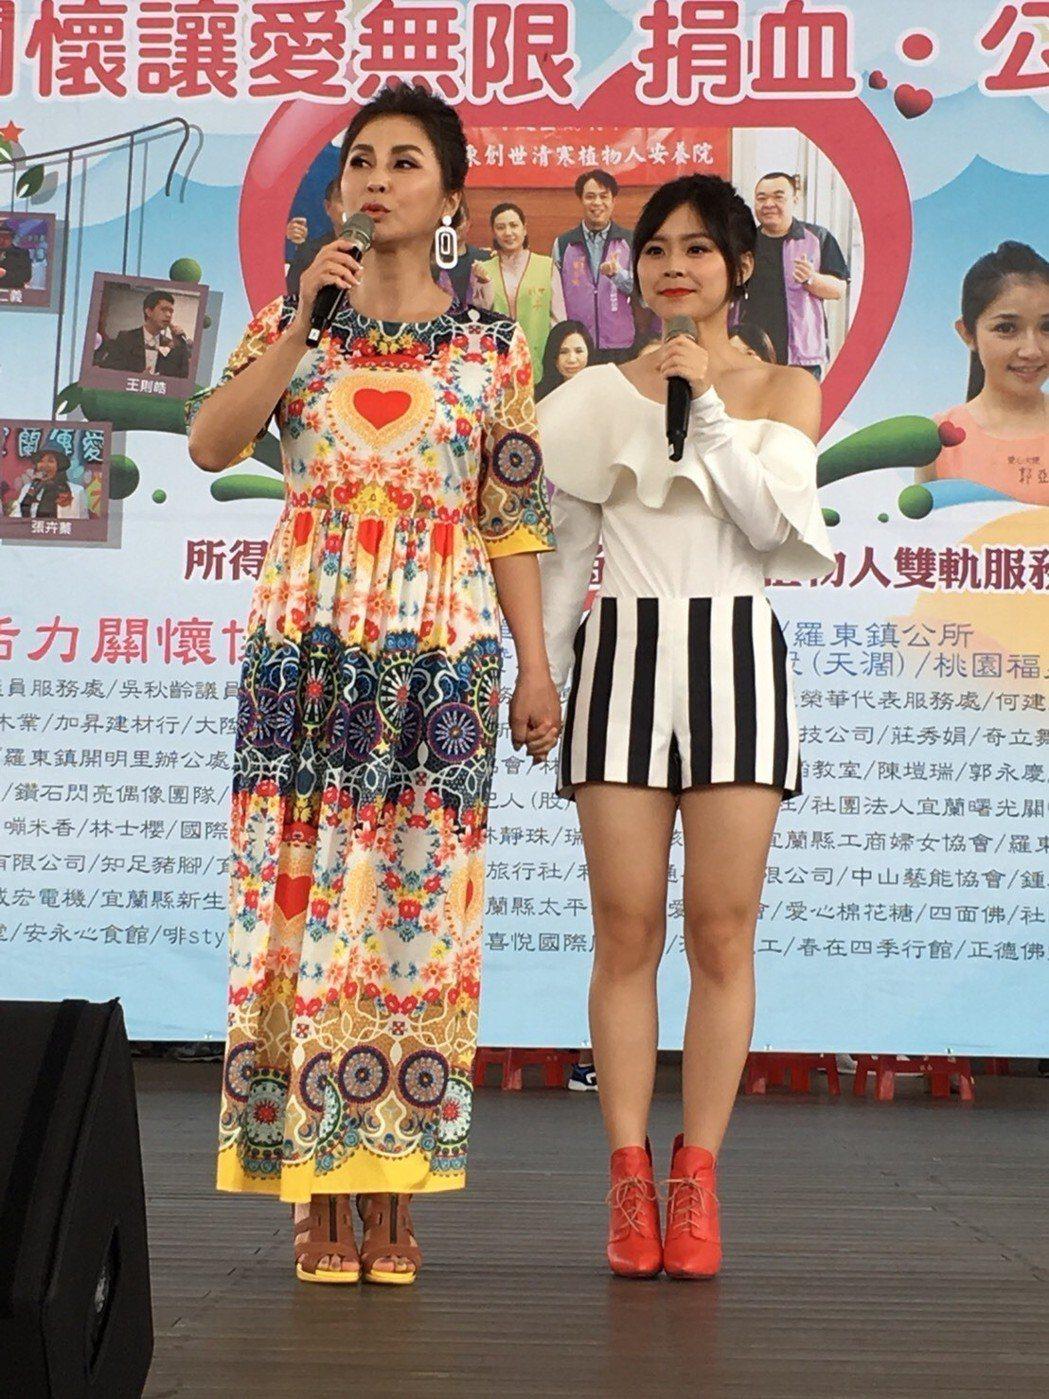 梁佑南與女兒方琦出席公益活動。圖/民視提供